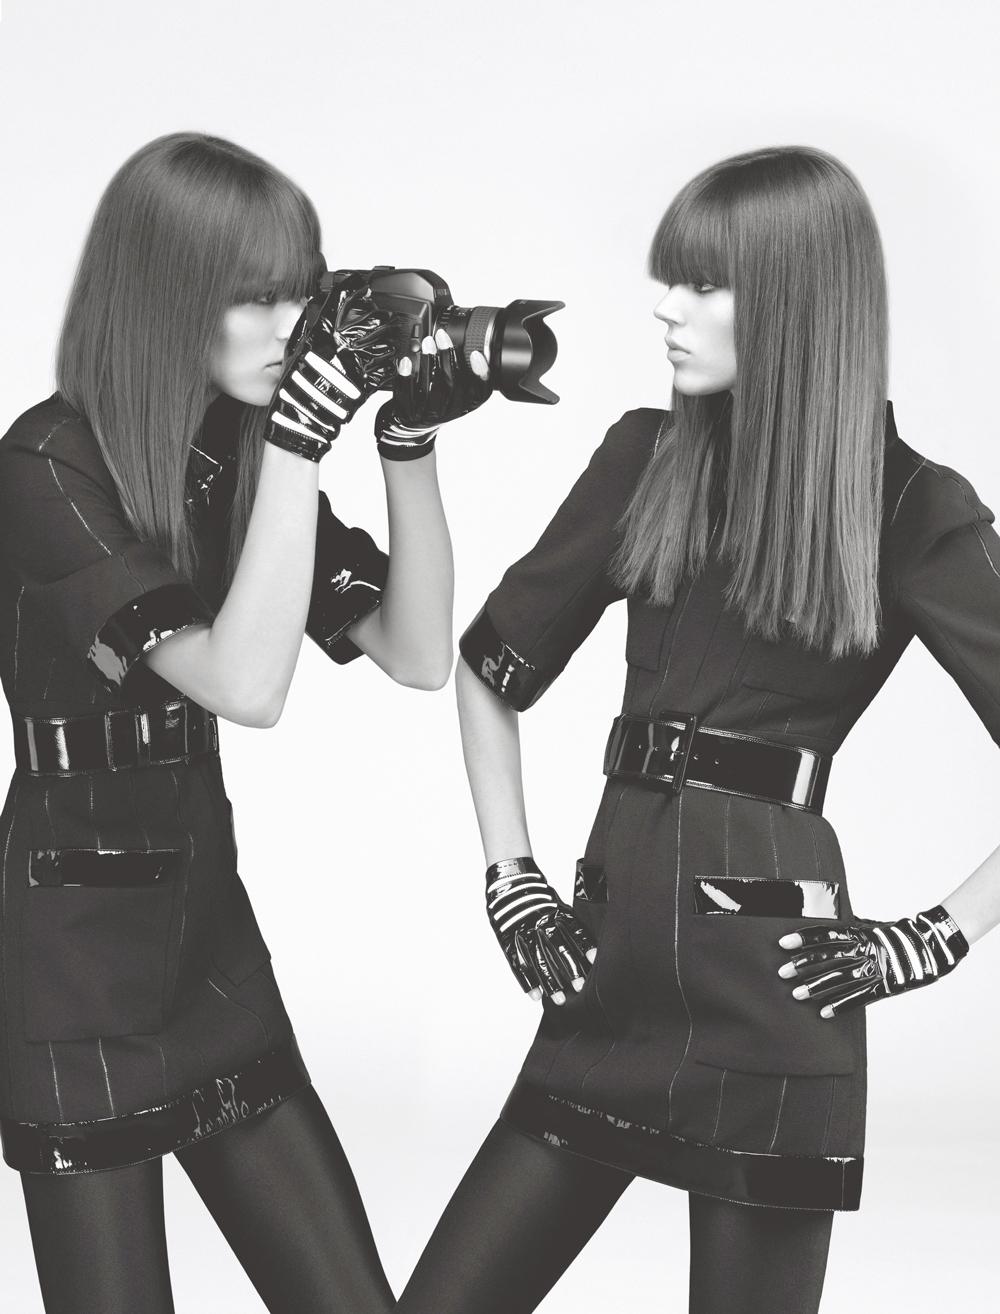 Numéro #81 Mars 2007. Mannequin : Freja Beha Erichsen en Chanel Haute Couture. Make up : Petros Petrohilos. Hair : Odile Gilbert.